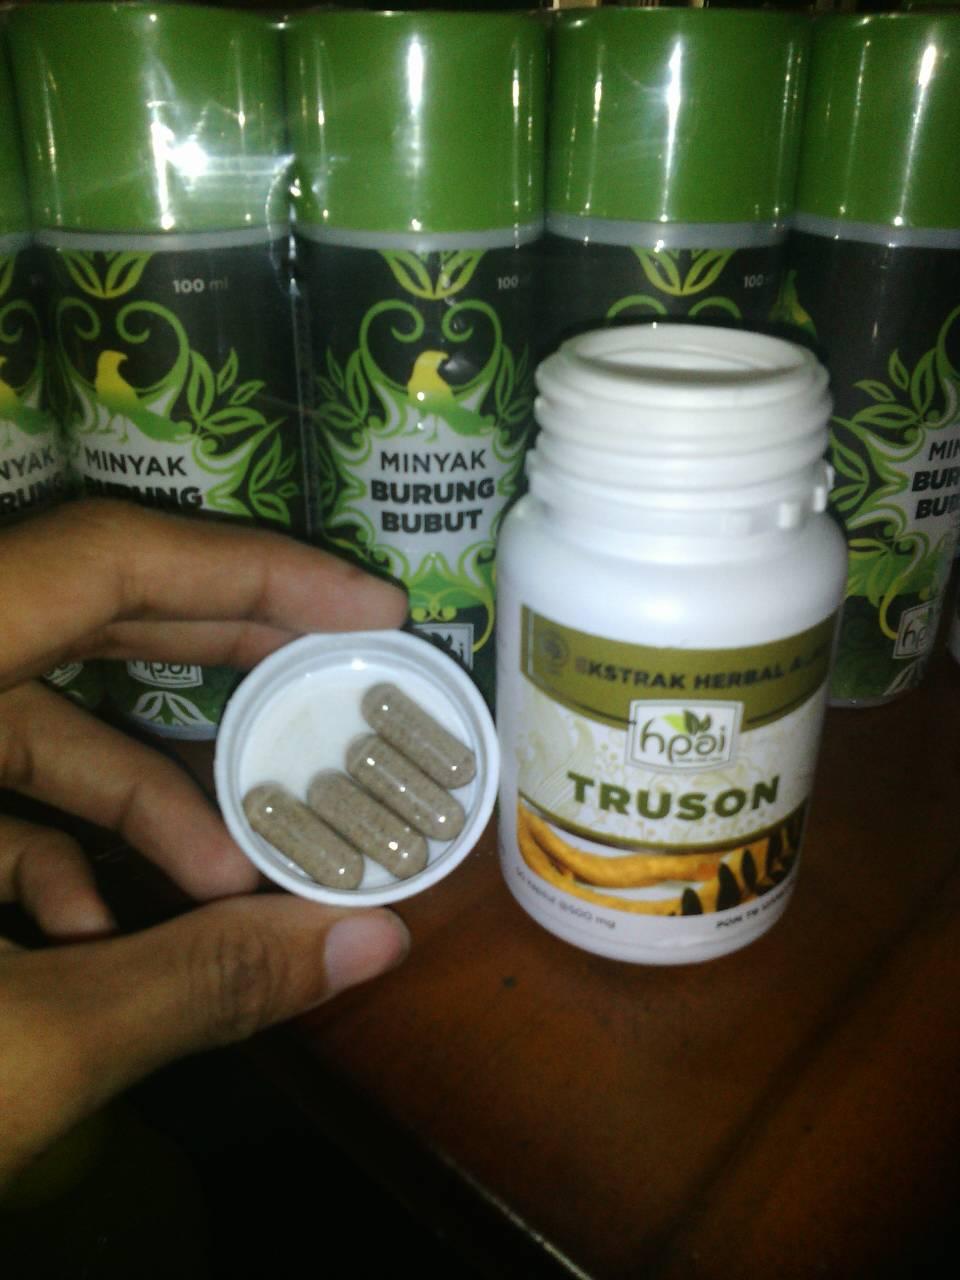 Jual Truson Hpai Ekstrak Herbal Alam Jasmine Tokopedia Obat Kuat Alami